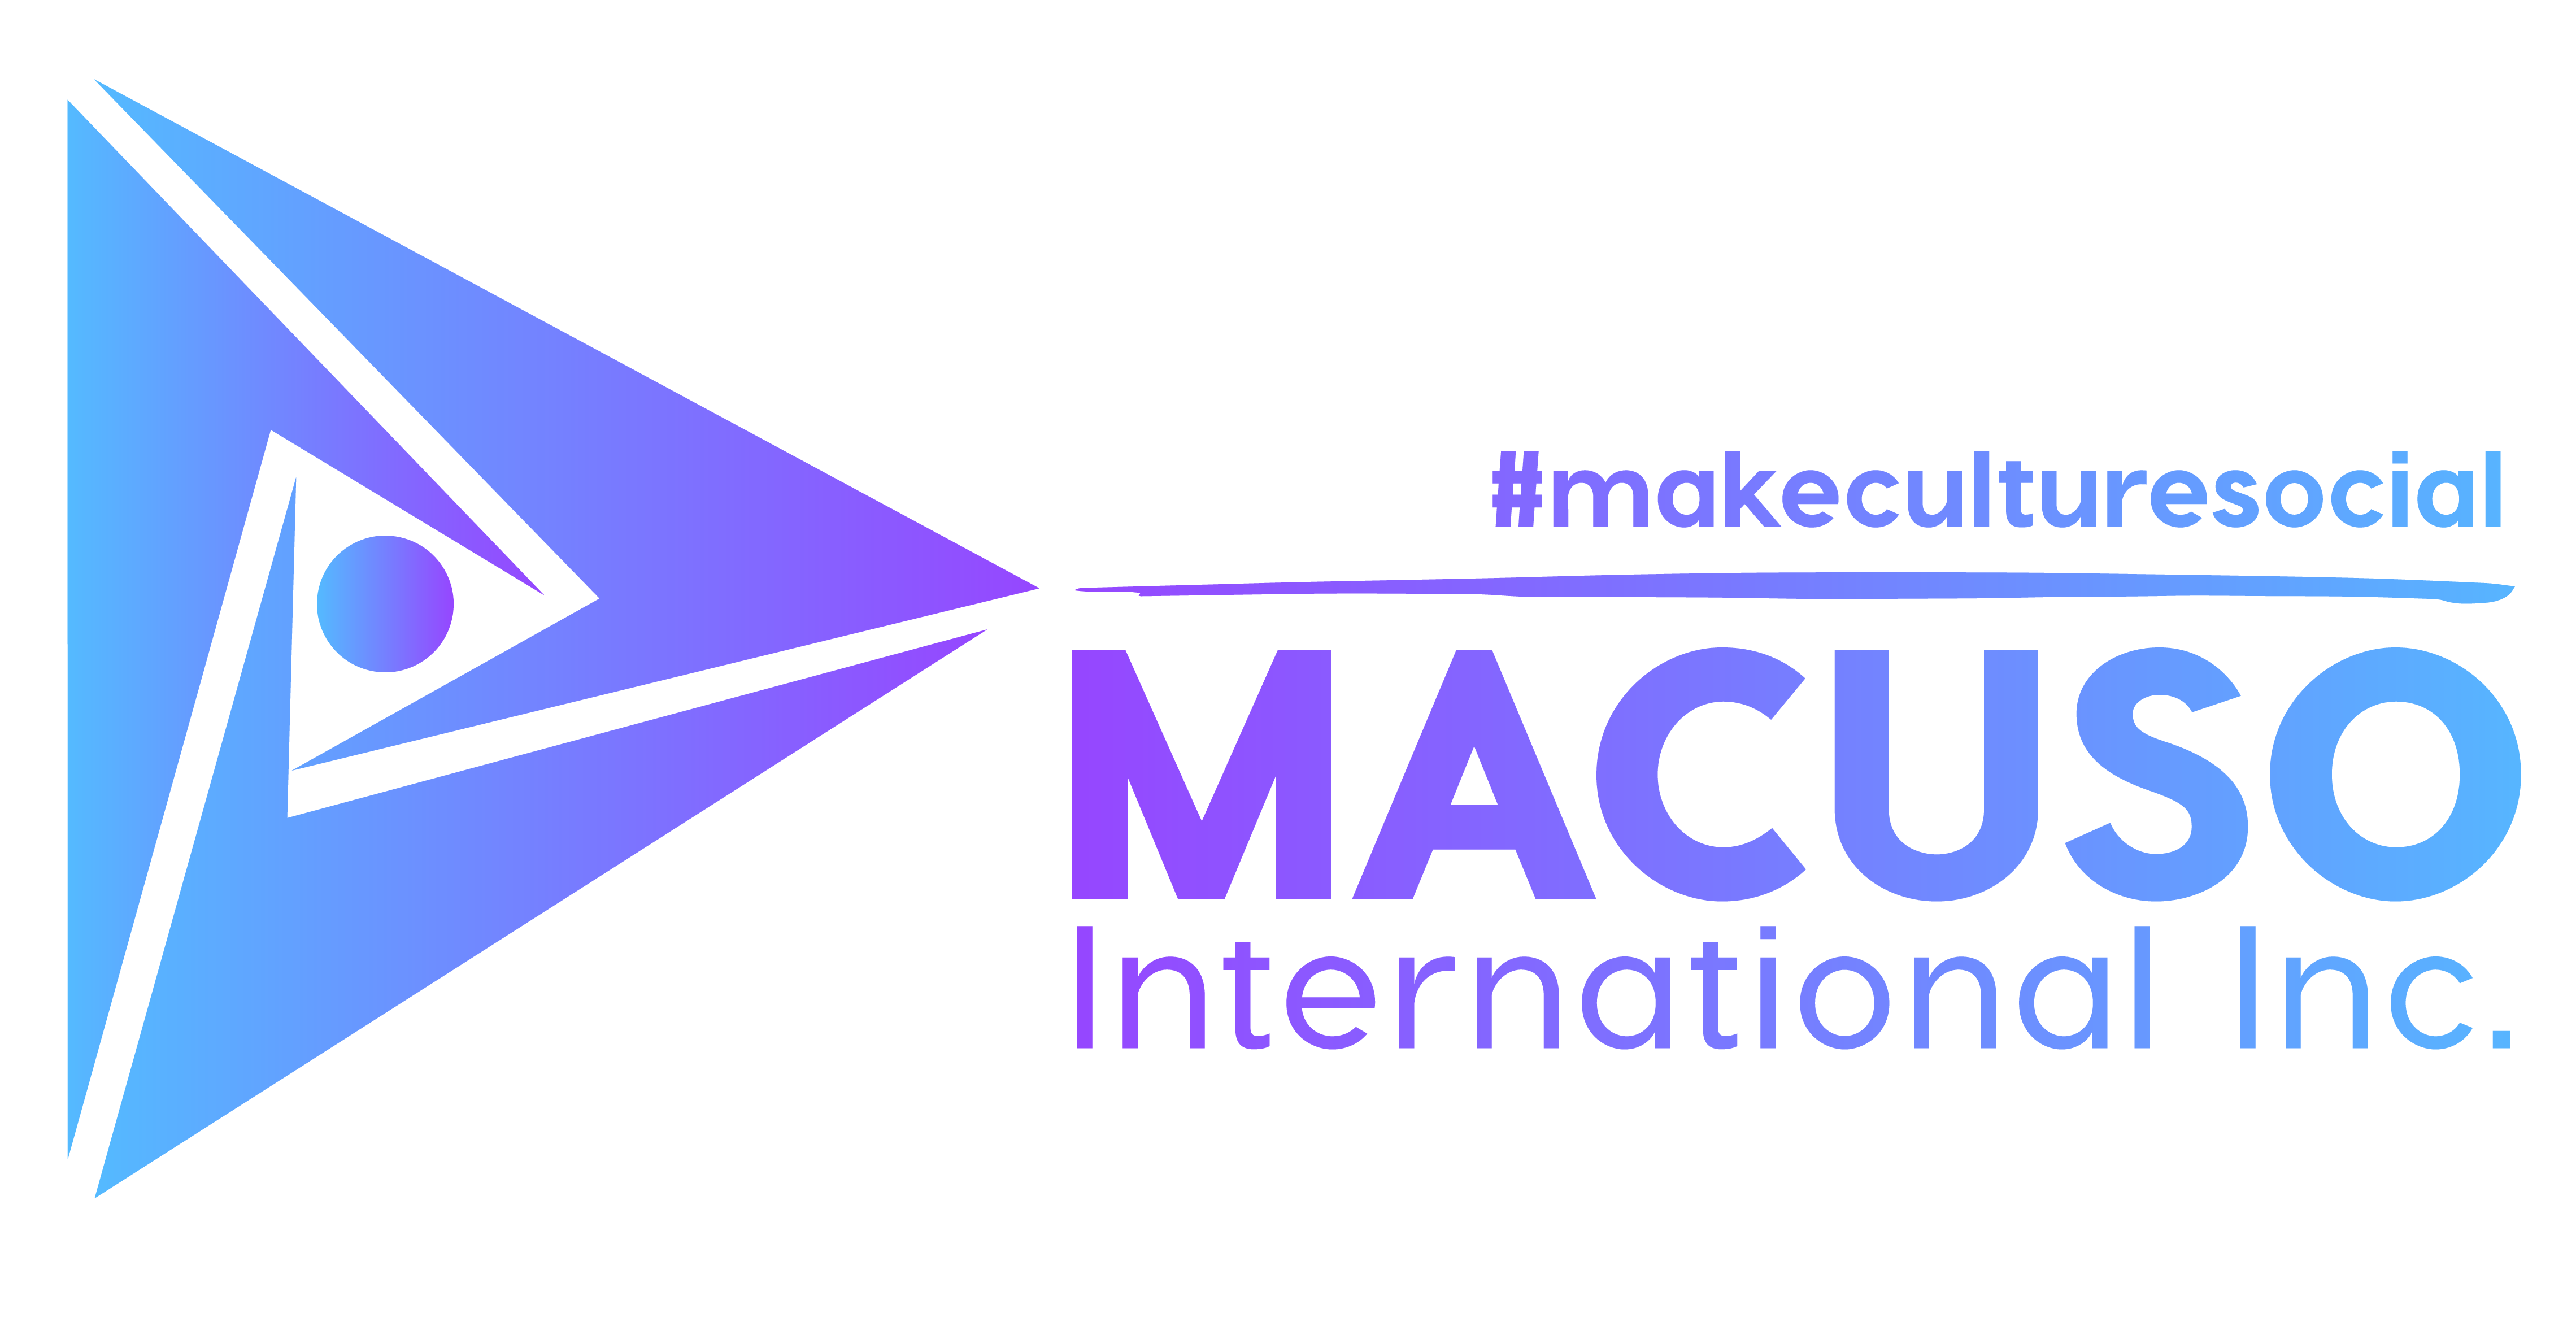 macuso.com